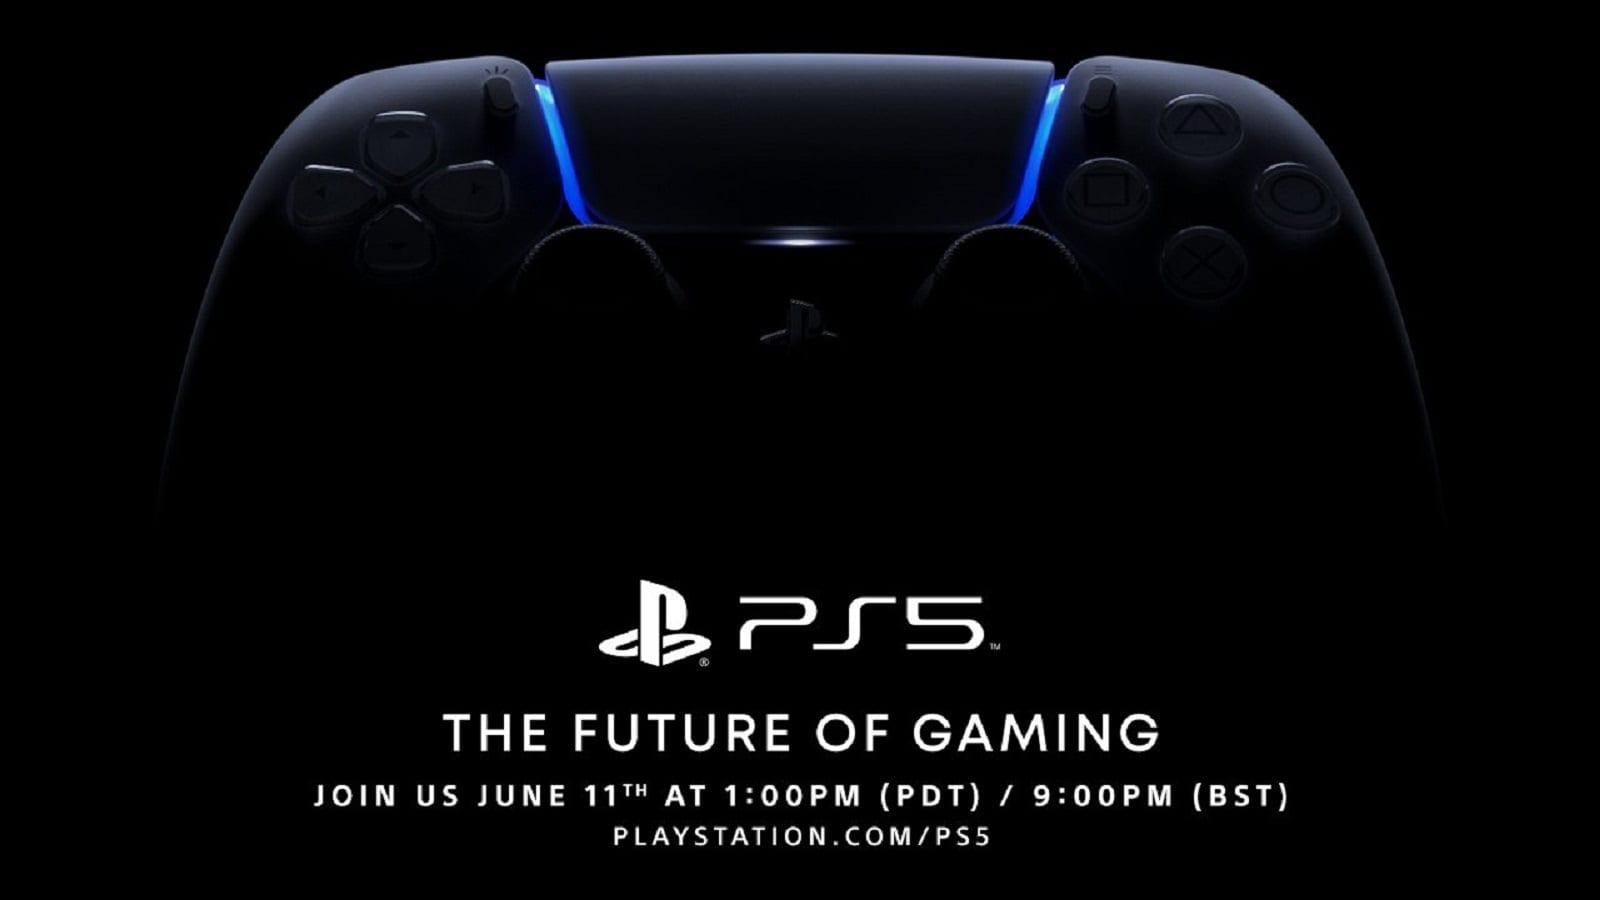 Компания Sony подтвердила что мероприятие посвященное консоли PlayStation 5 пройдет уже 11 июня